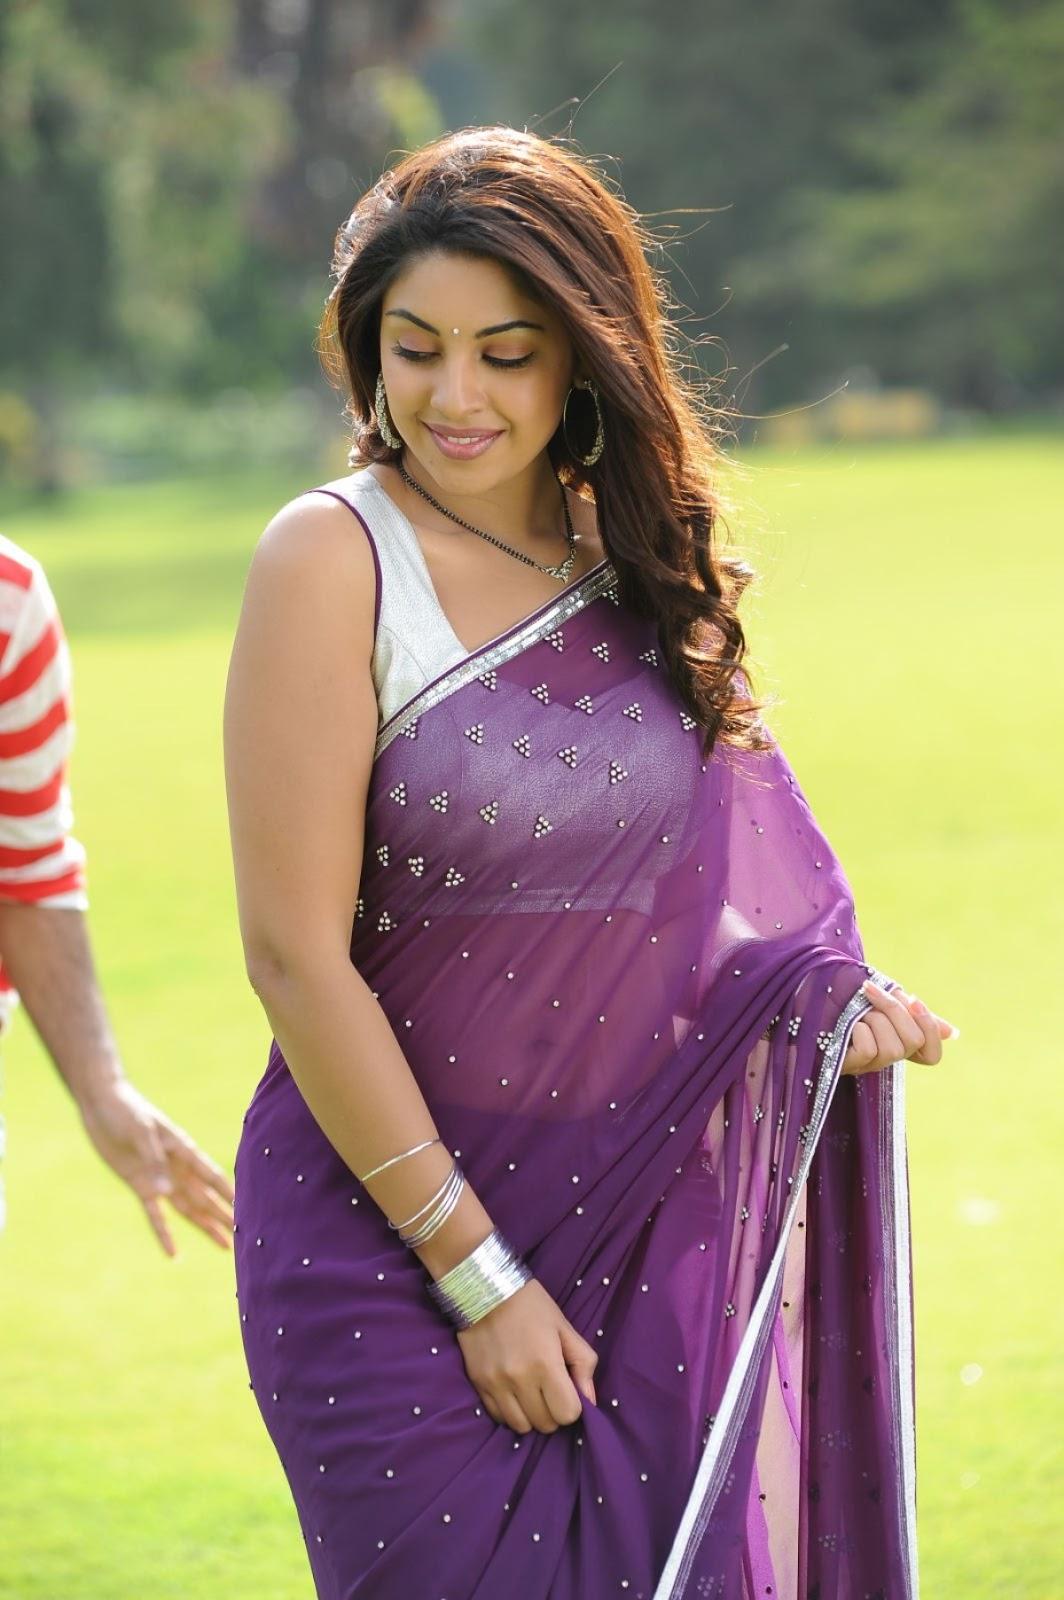 South Indian Actress Hot Saree Pictures 87 Best Hot Saree -8825